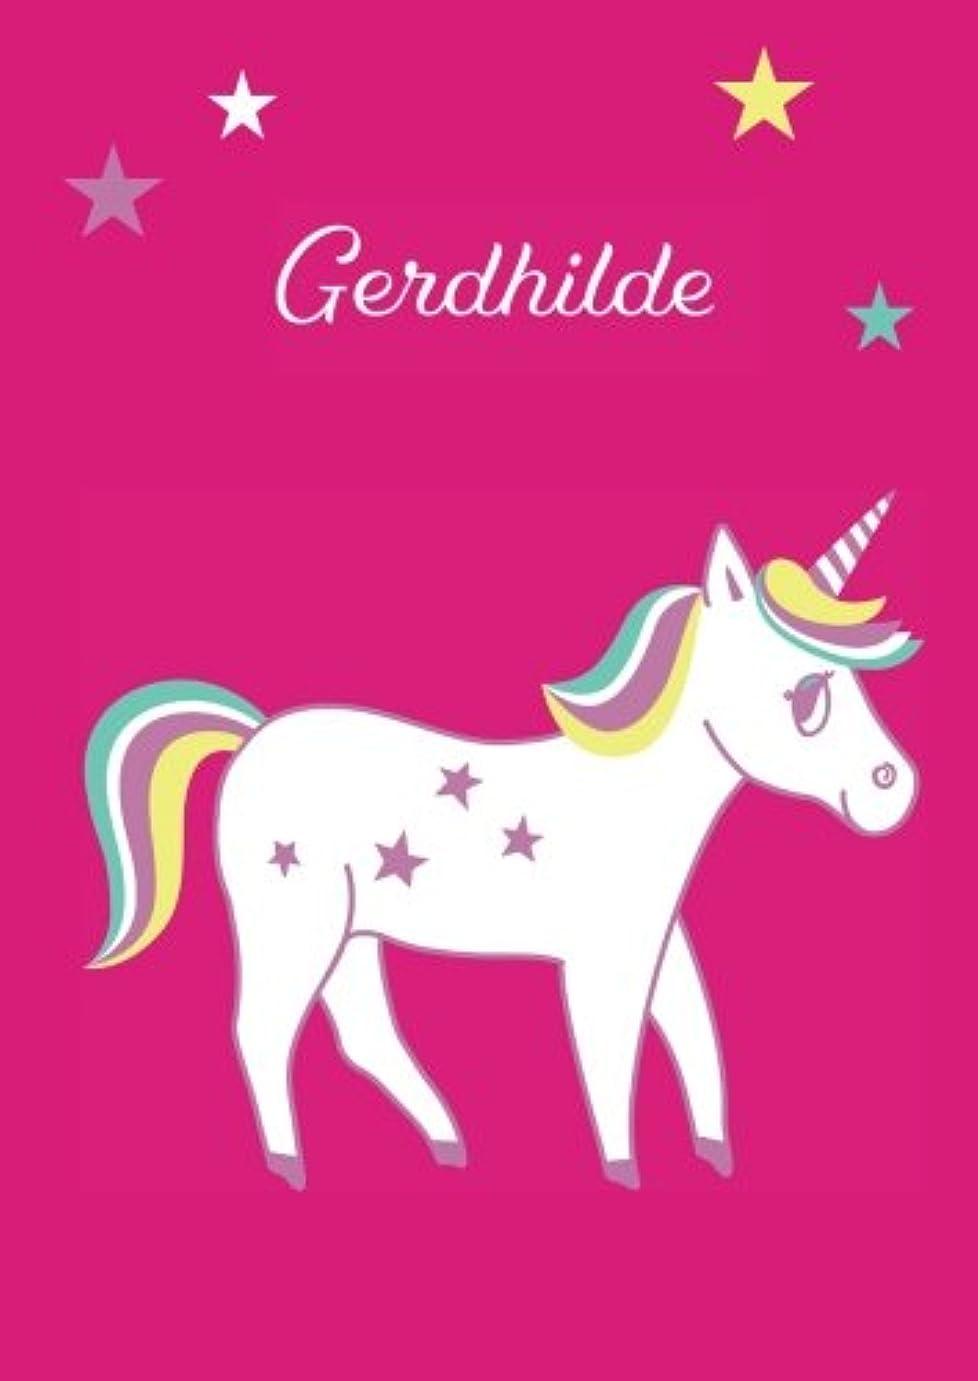 版黙認する性的Gerdhilde: Einhorn Malbuch / Tagebuch / Notizbuch - DIN A4 - blanko